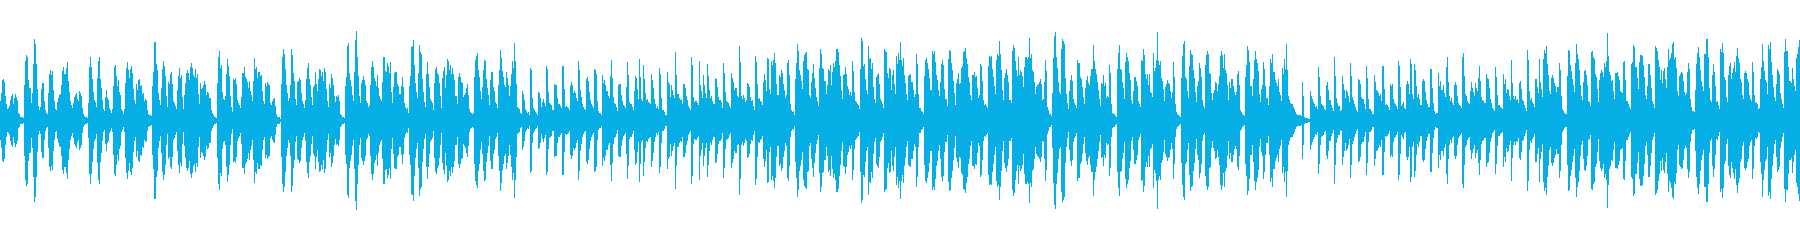 セクシー怪しいシンセBGM1 ループの再生済みの波形